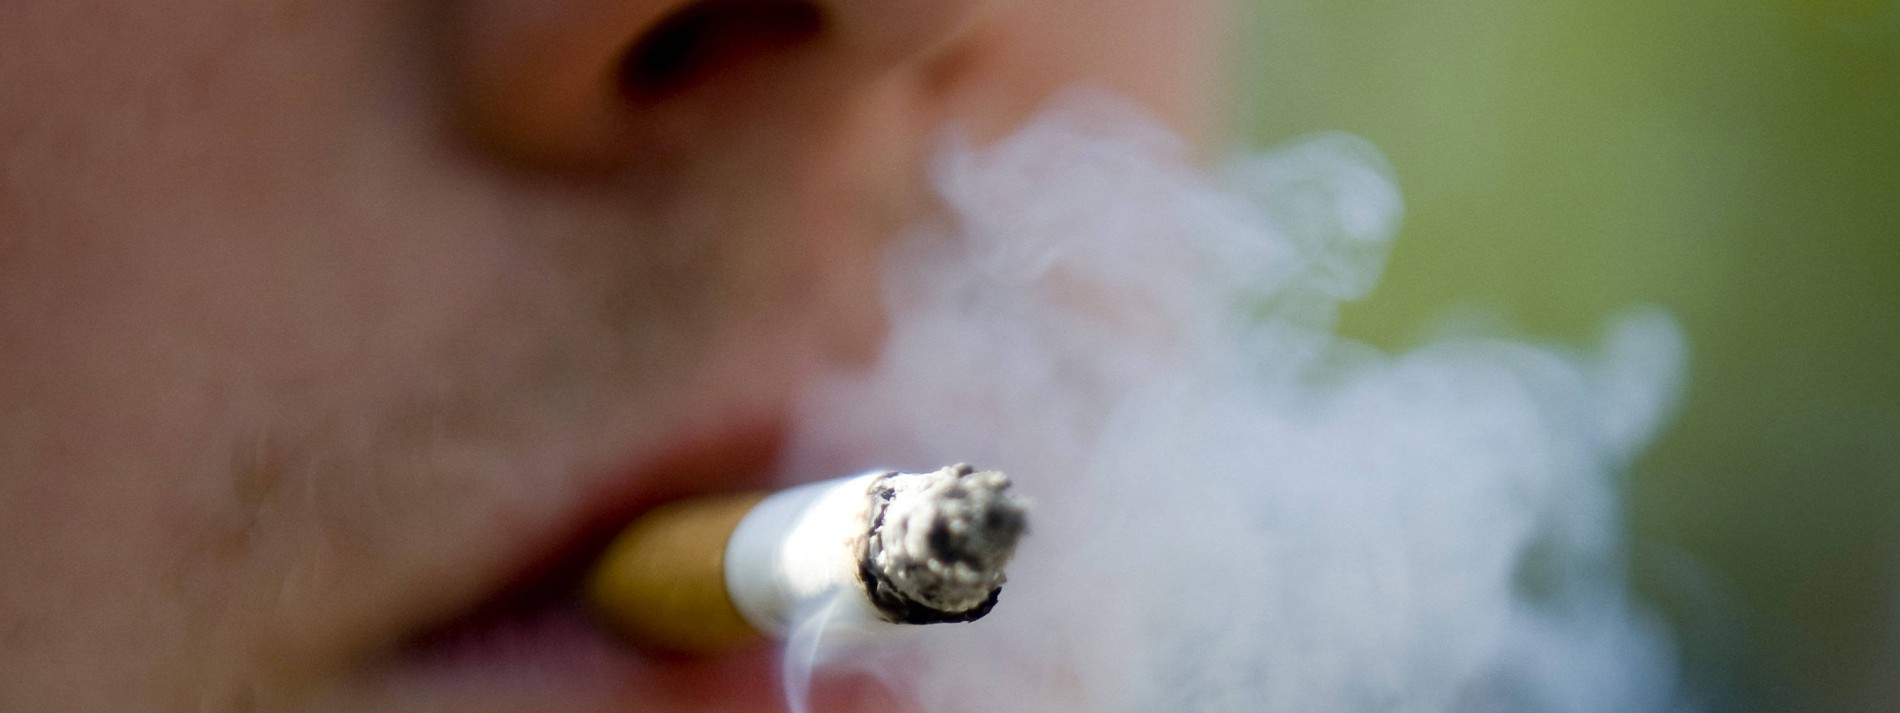 Hessen will Nichtraucherschutz verschärfen